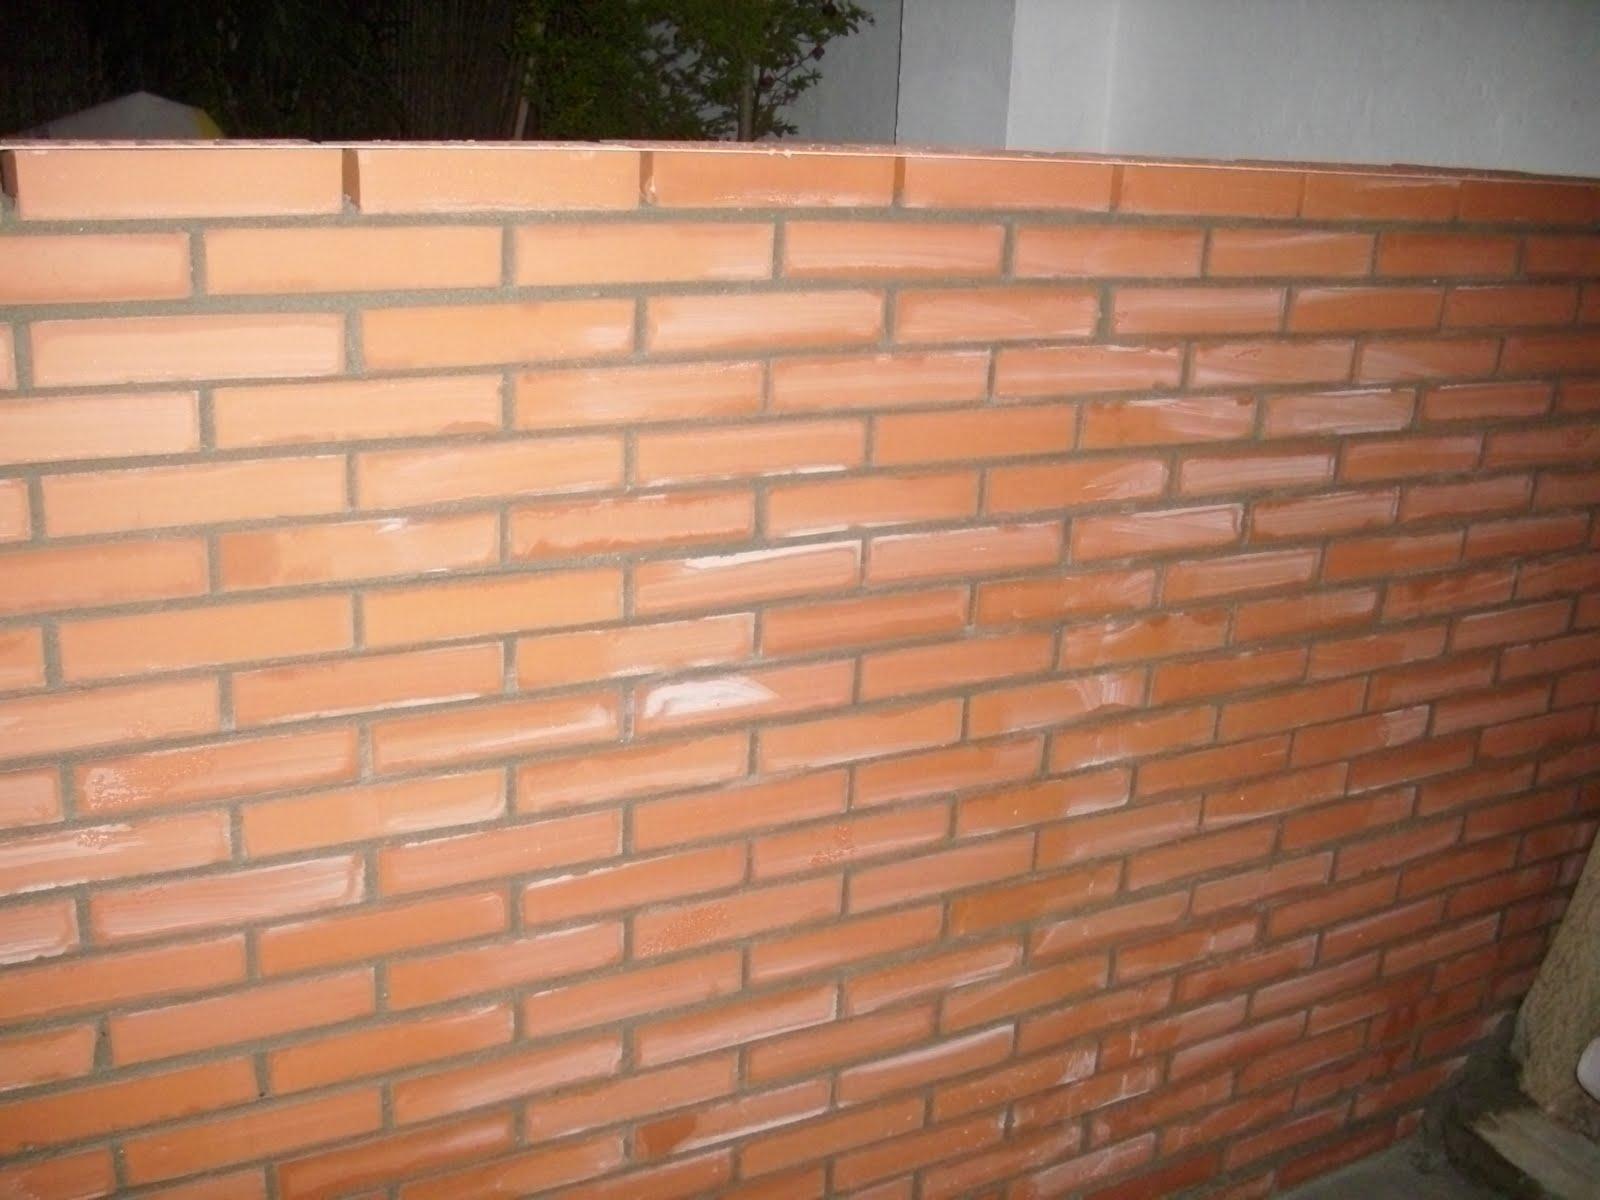 Reformas nervion realizacion de muro ladrillo visto - Ladrillo visto precio ...